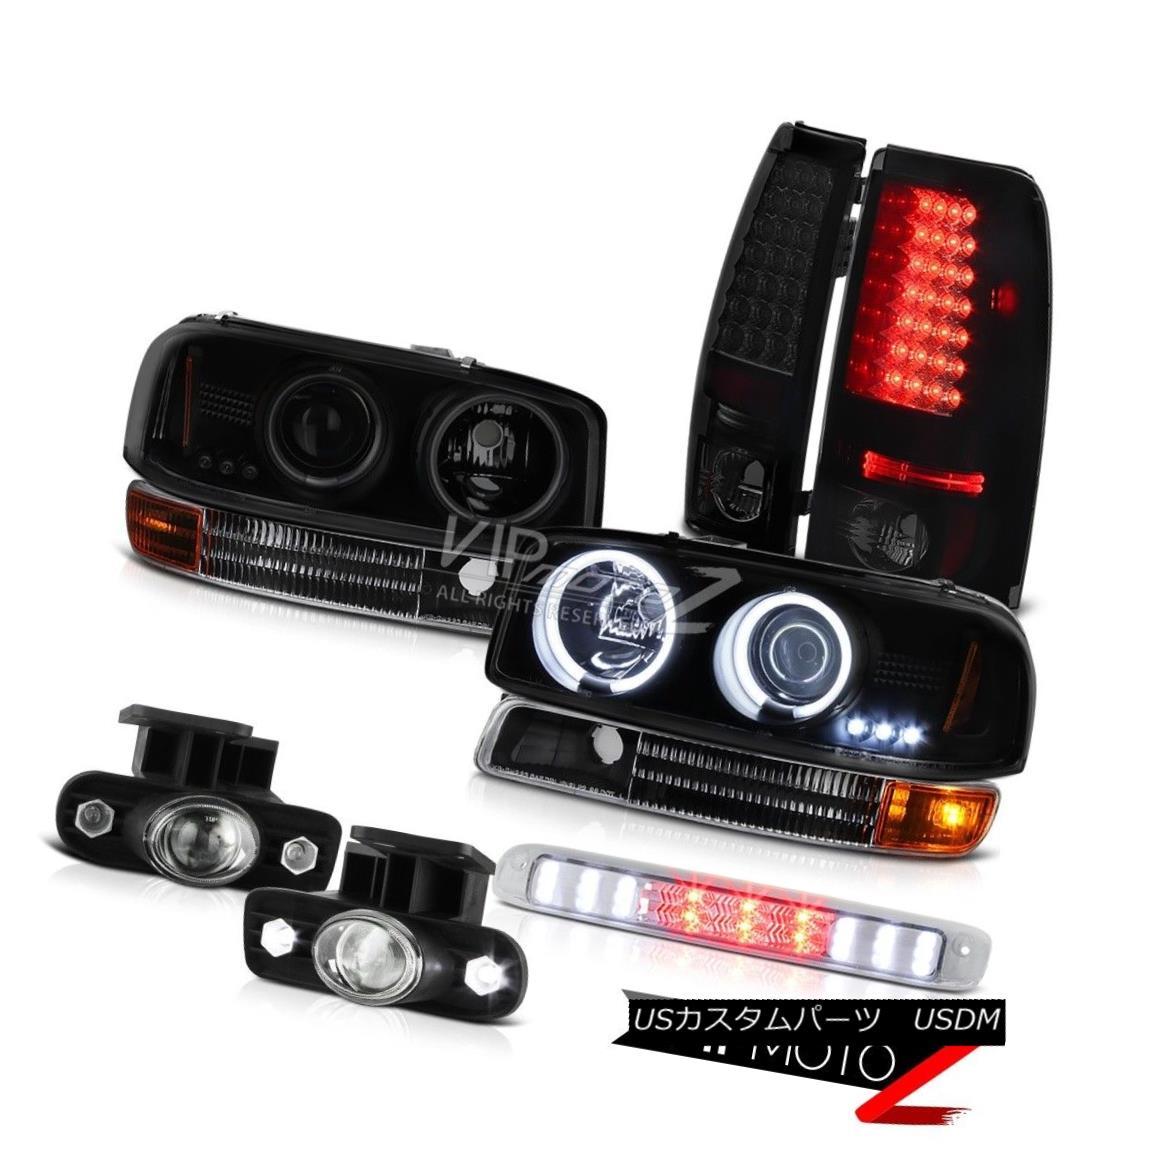 ヘッドライト CCFL Angel Eye Headlamps LED Taillamps Glass Fog Roof Stop 99-02 Sierra 4.3L V6 CCFLエンジェルアイヘッドランプLEDタイルランプガラスフォグ屋根ストップ99-02 Sierra 4.3L V6